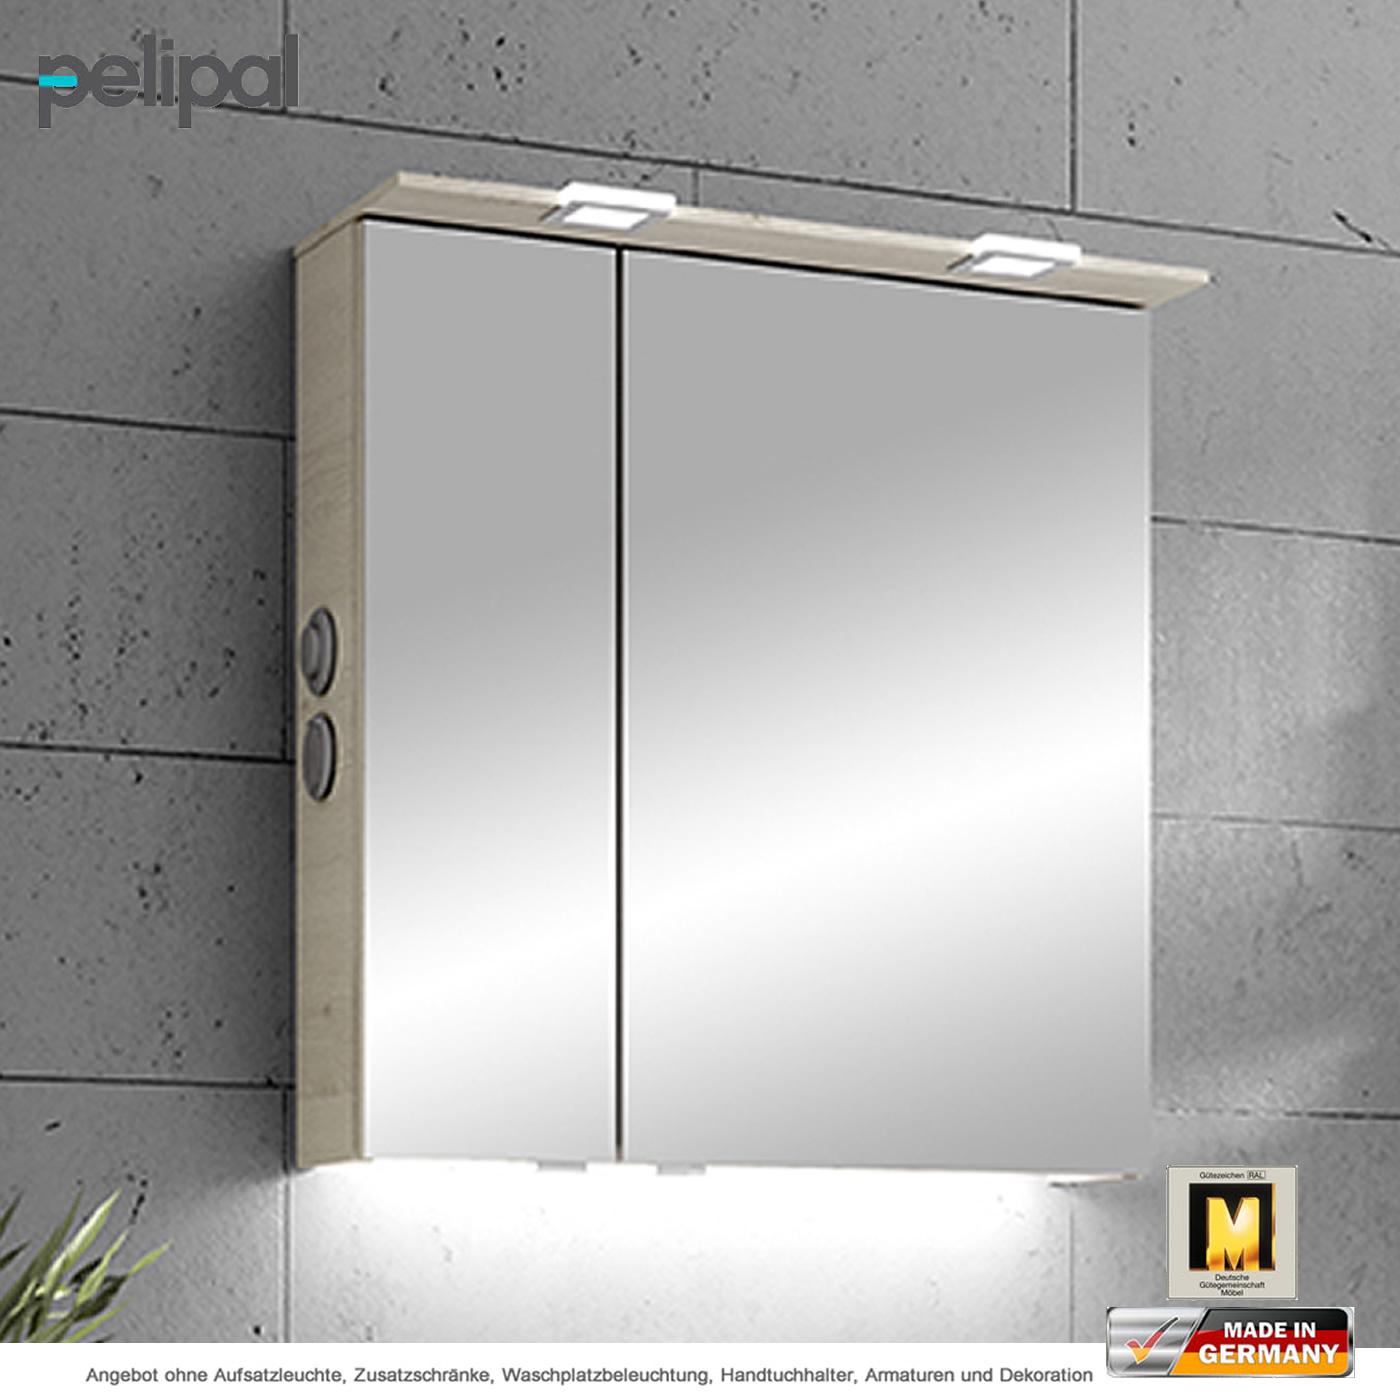 Inspirierend Spiegelschrank Ohne Beleuchtung Galerie Von Pelipal Solitaire 6025 Mit Kranz-beleuchtung 65 Cm